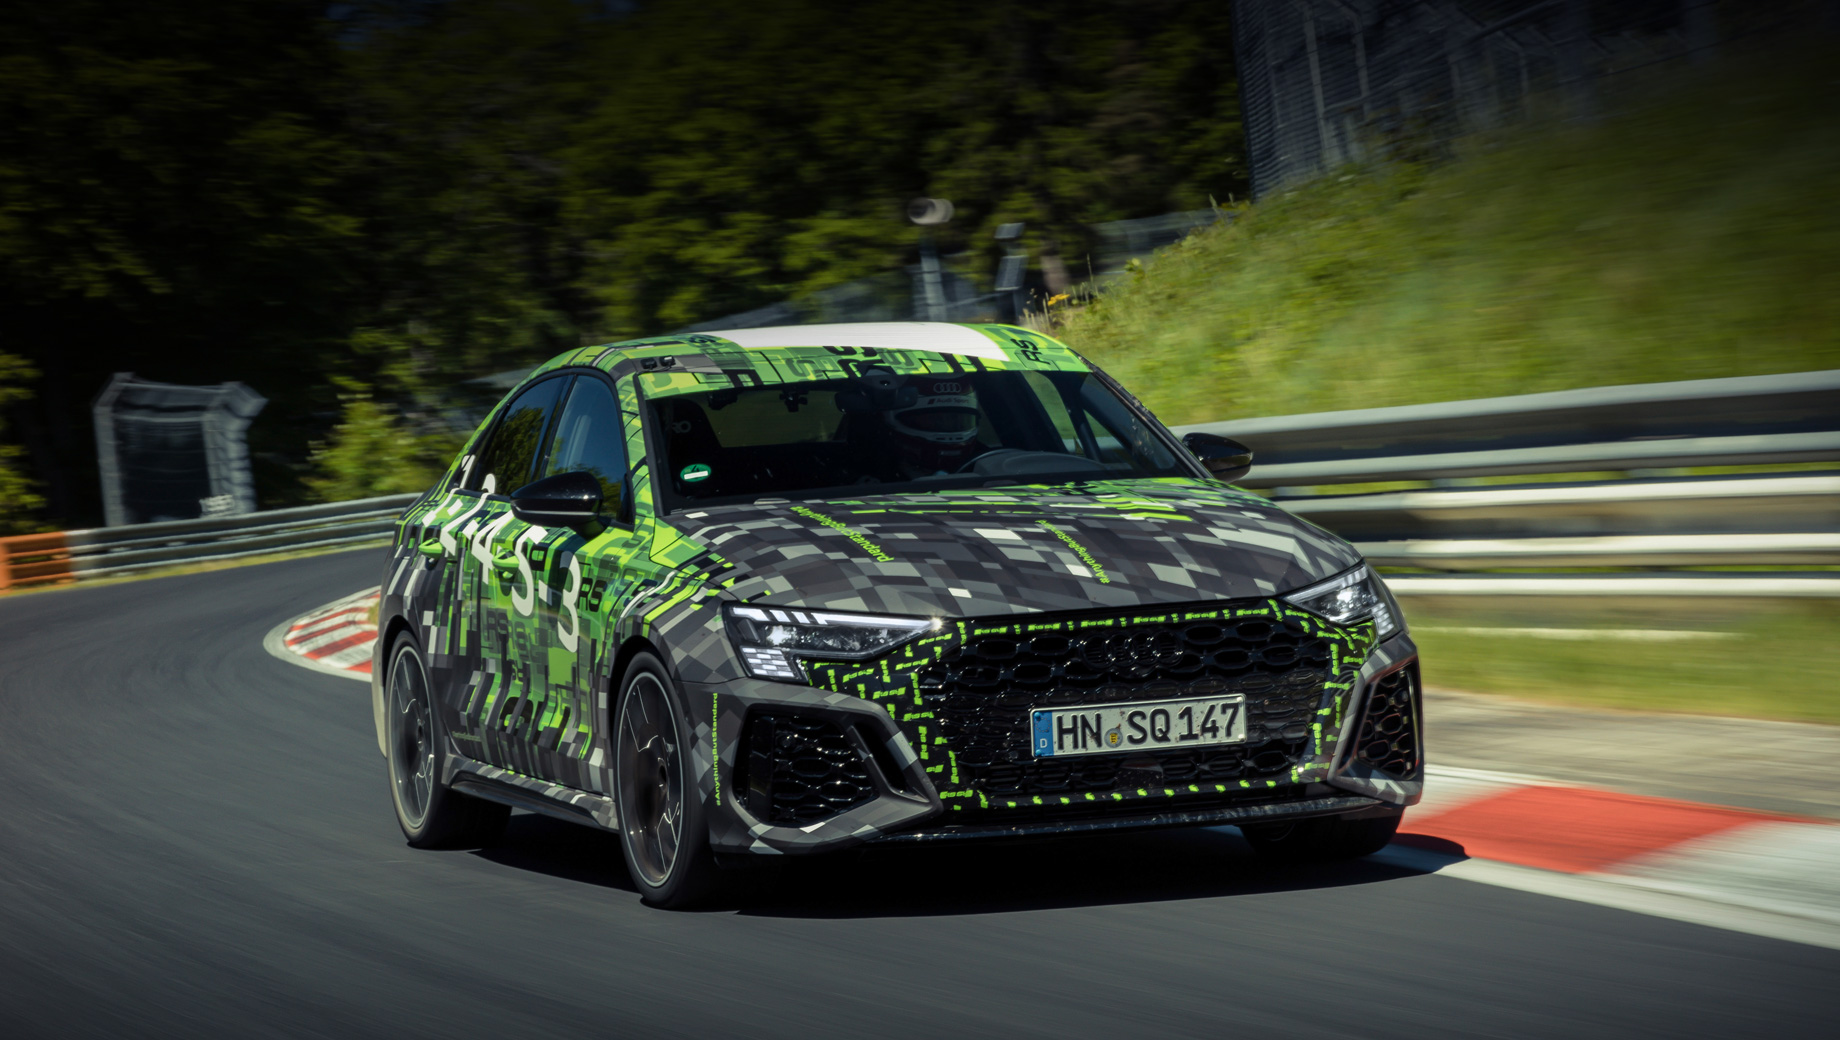 Audi rs3. Под капотом «эрэски» трудится бензиновая турбопятёрка 2.5 TFSI (400 л.с., 500 Н•м) с семиступенчатым «роботом» при двух сцеплениях. Агрегат обеспечивает разгон до сотни за 3,8 с и максималку в 290 км/ч.